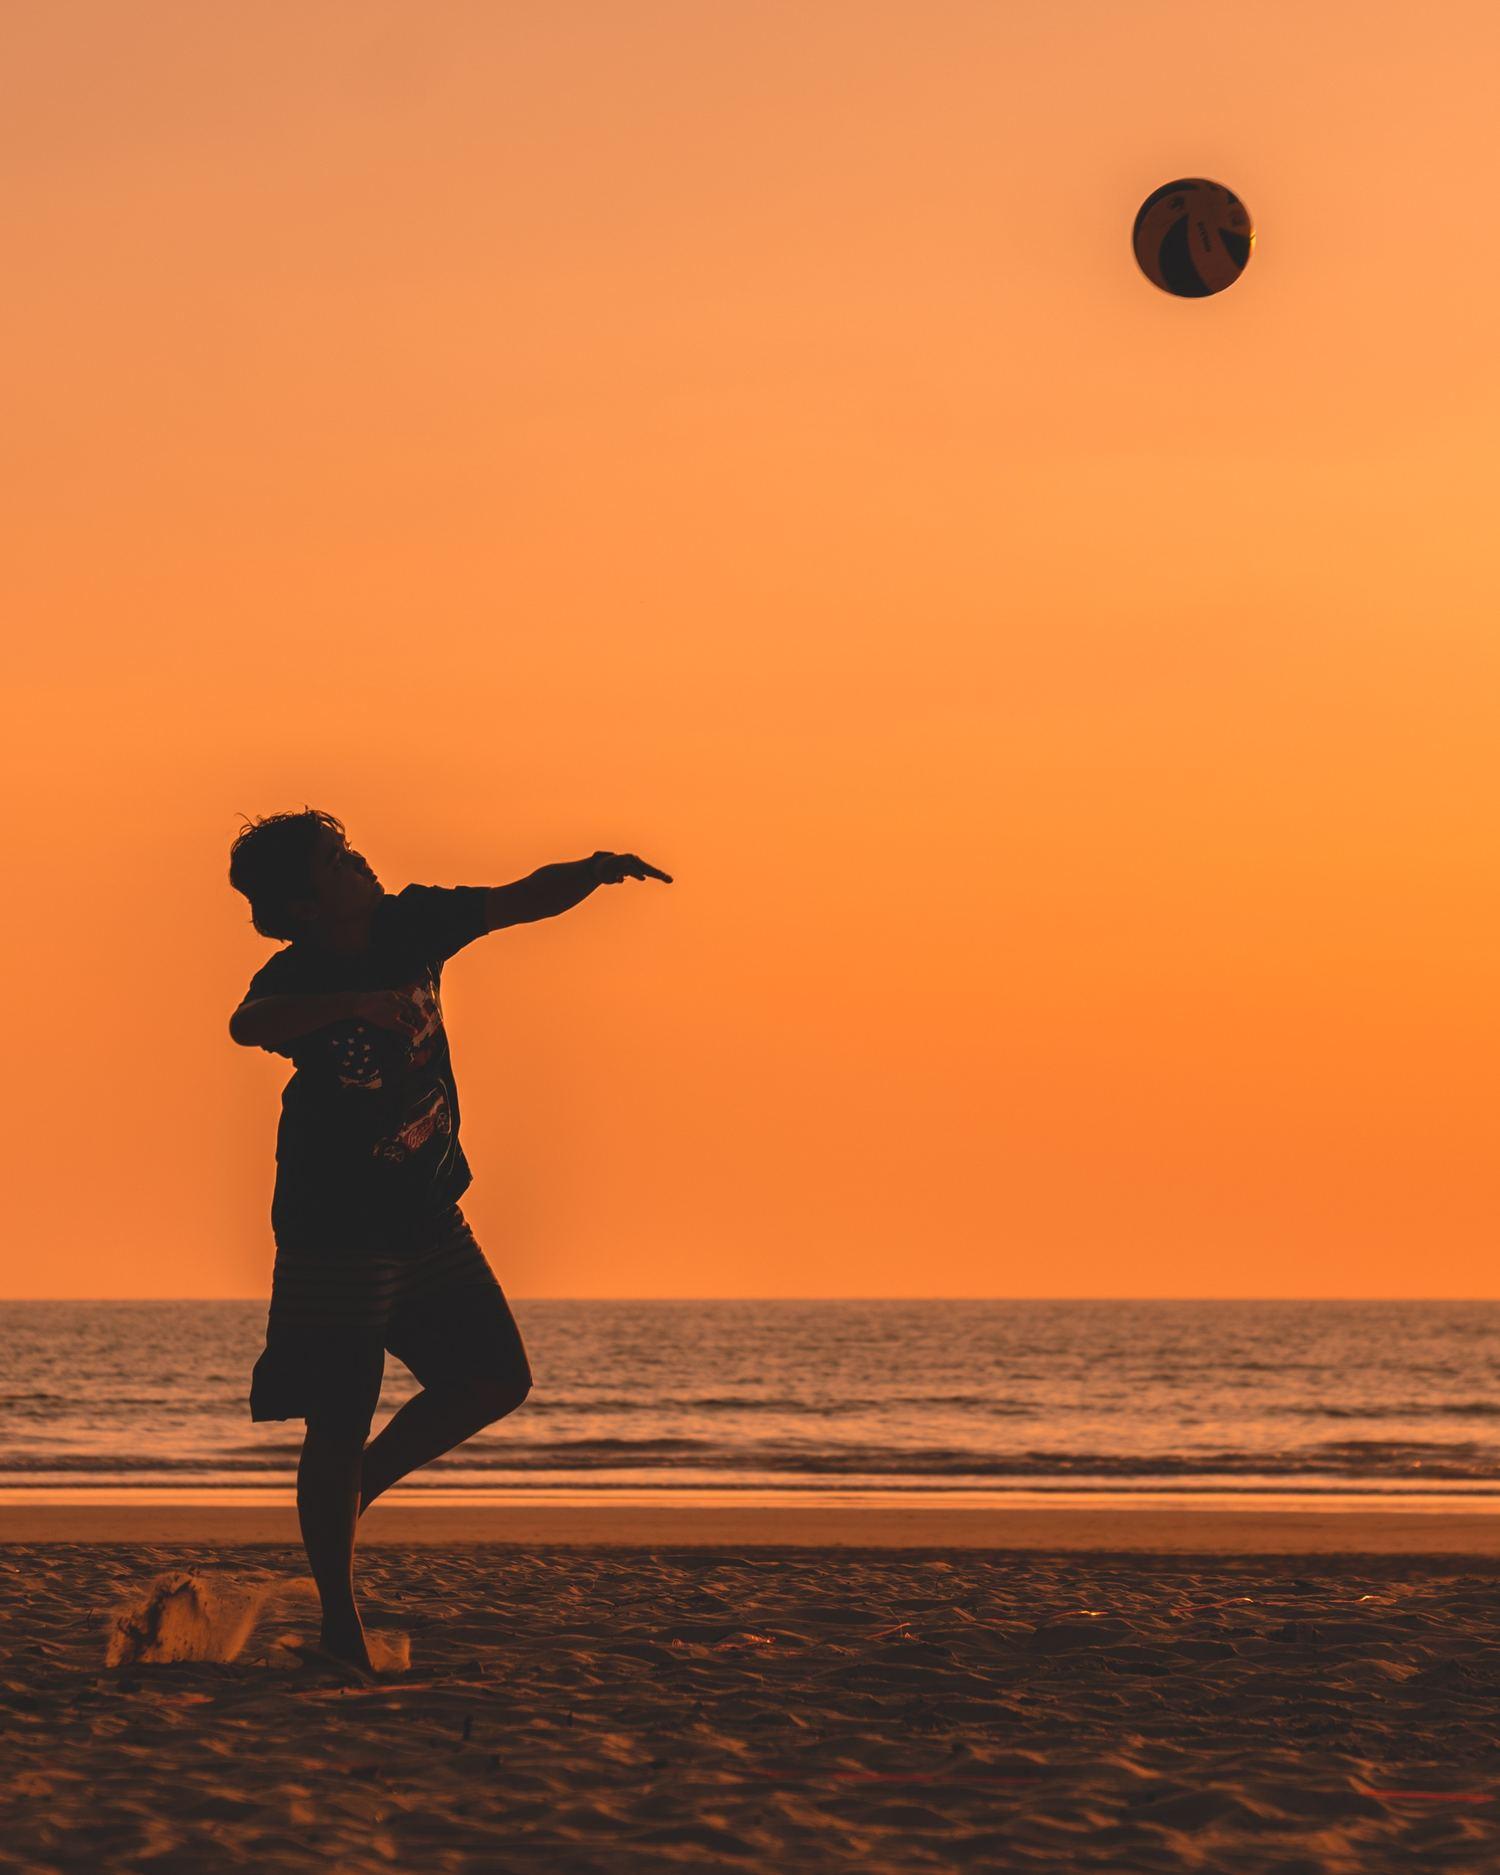 voleibol volei voley voleyvall playa alsa jugar